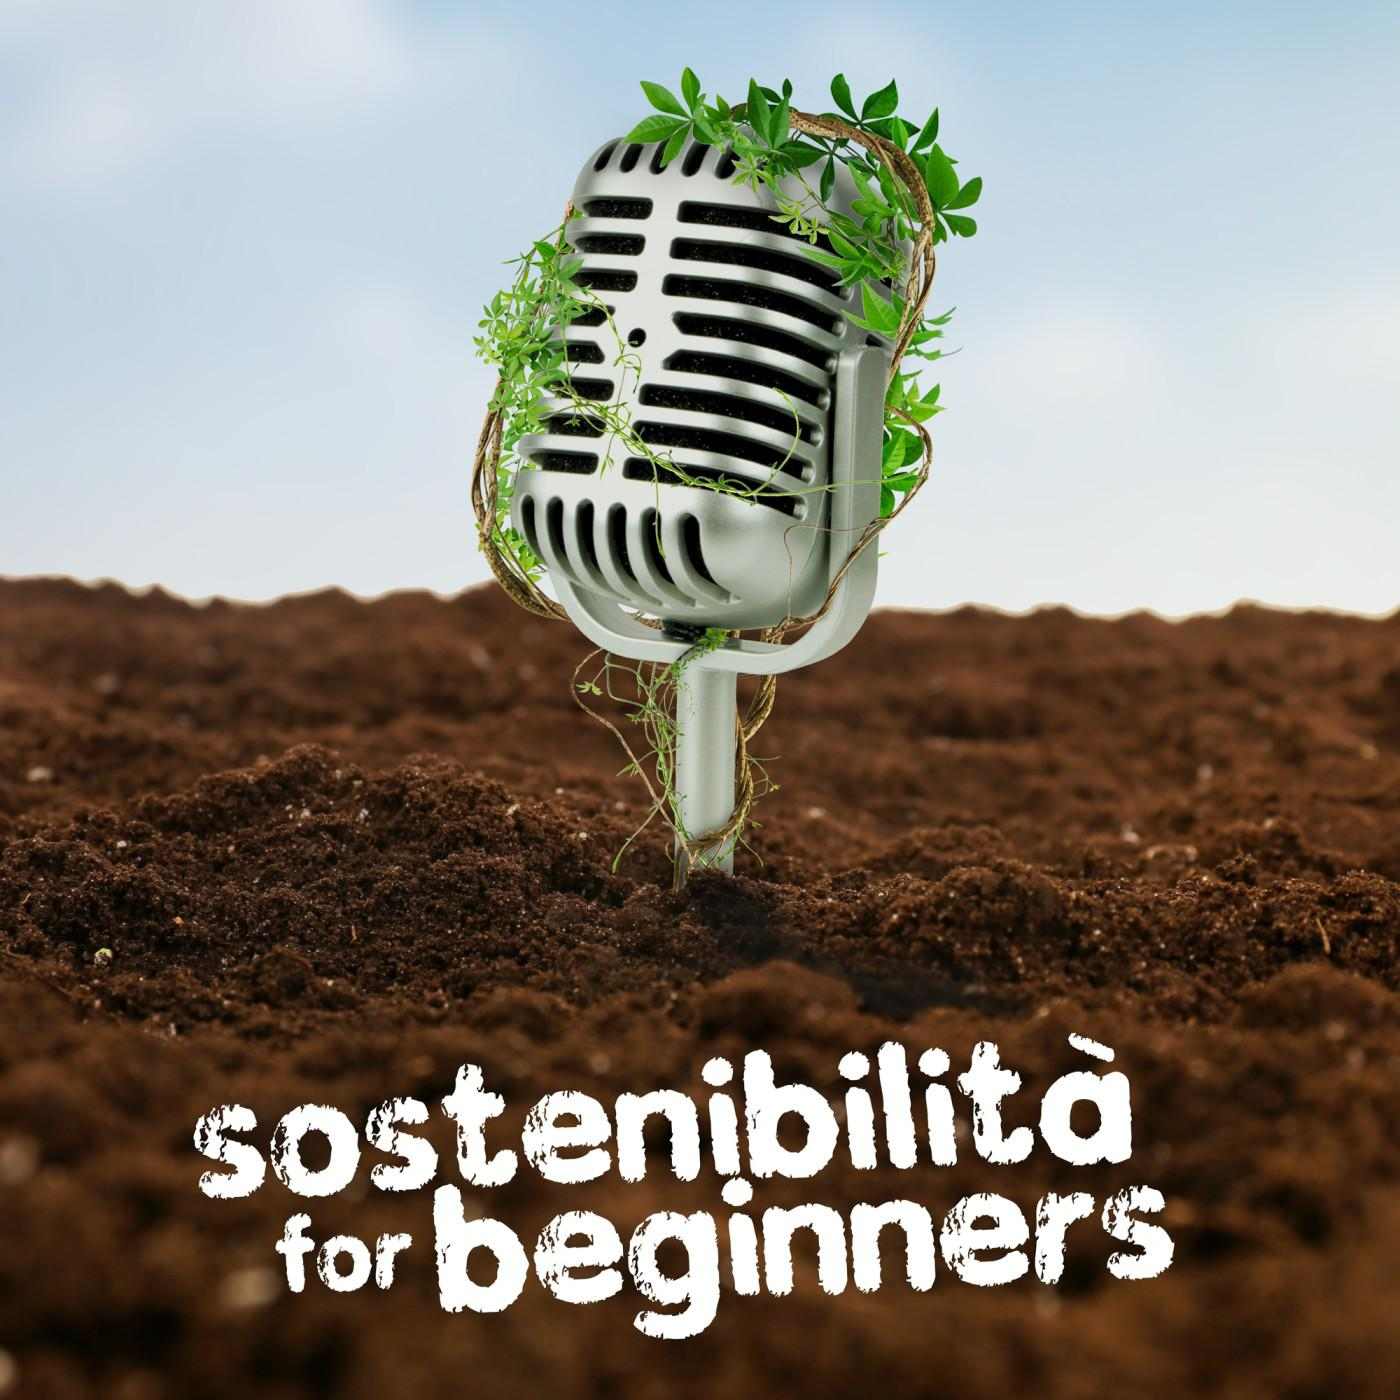 sostenibilit%C3%A0 for beginners gli ascoltabili Economia Circolare in 5 podcast italiani